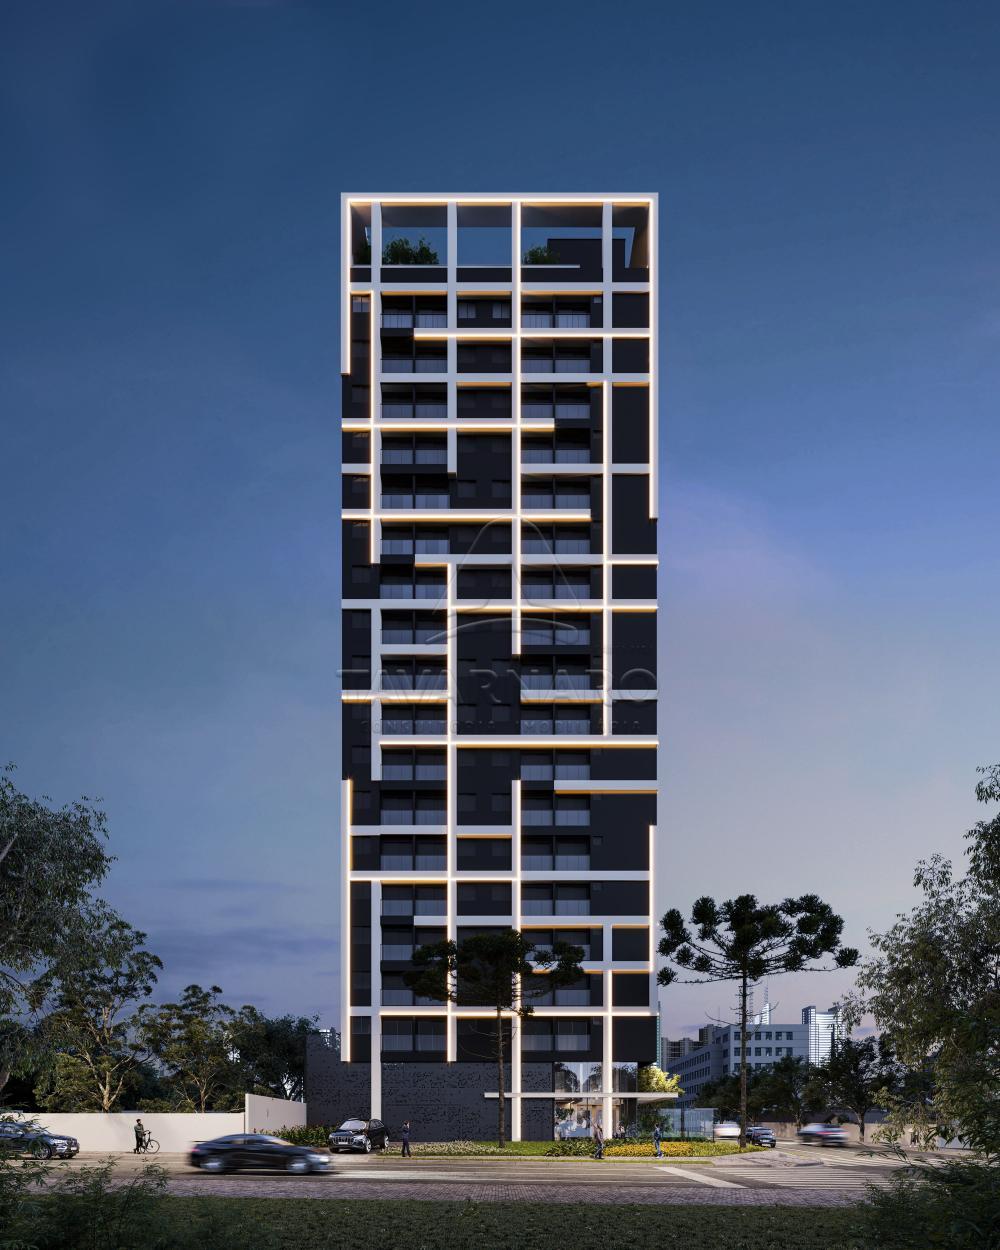 Comprar Apartamento / Padrão em Curitiba apenas R$ 297.386,88 - Foto 4